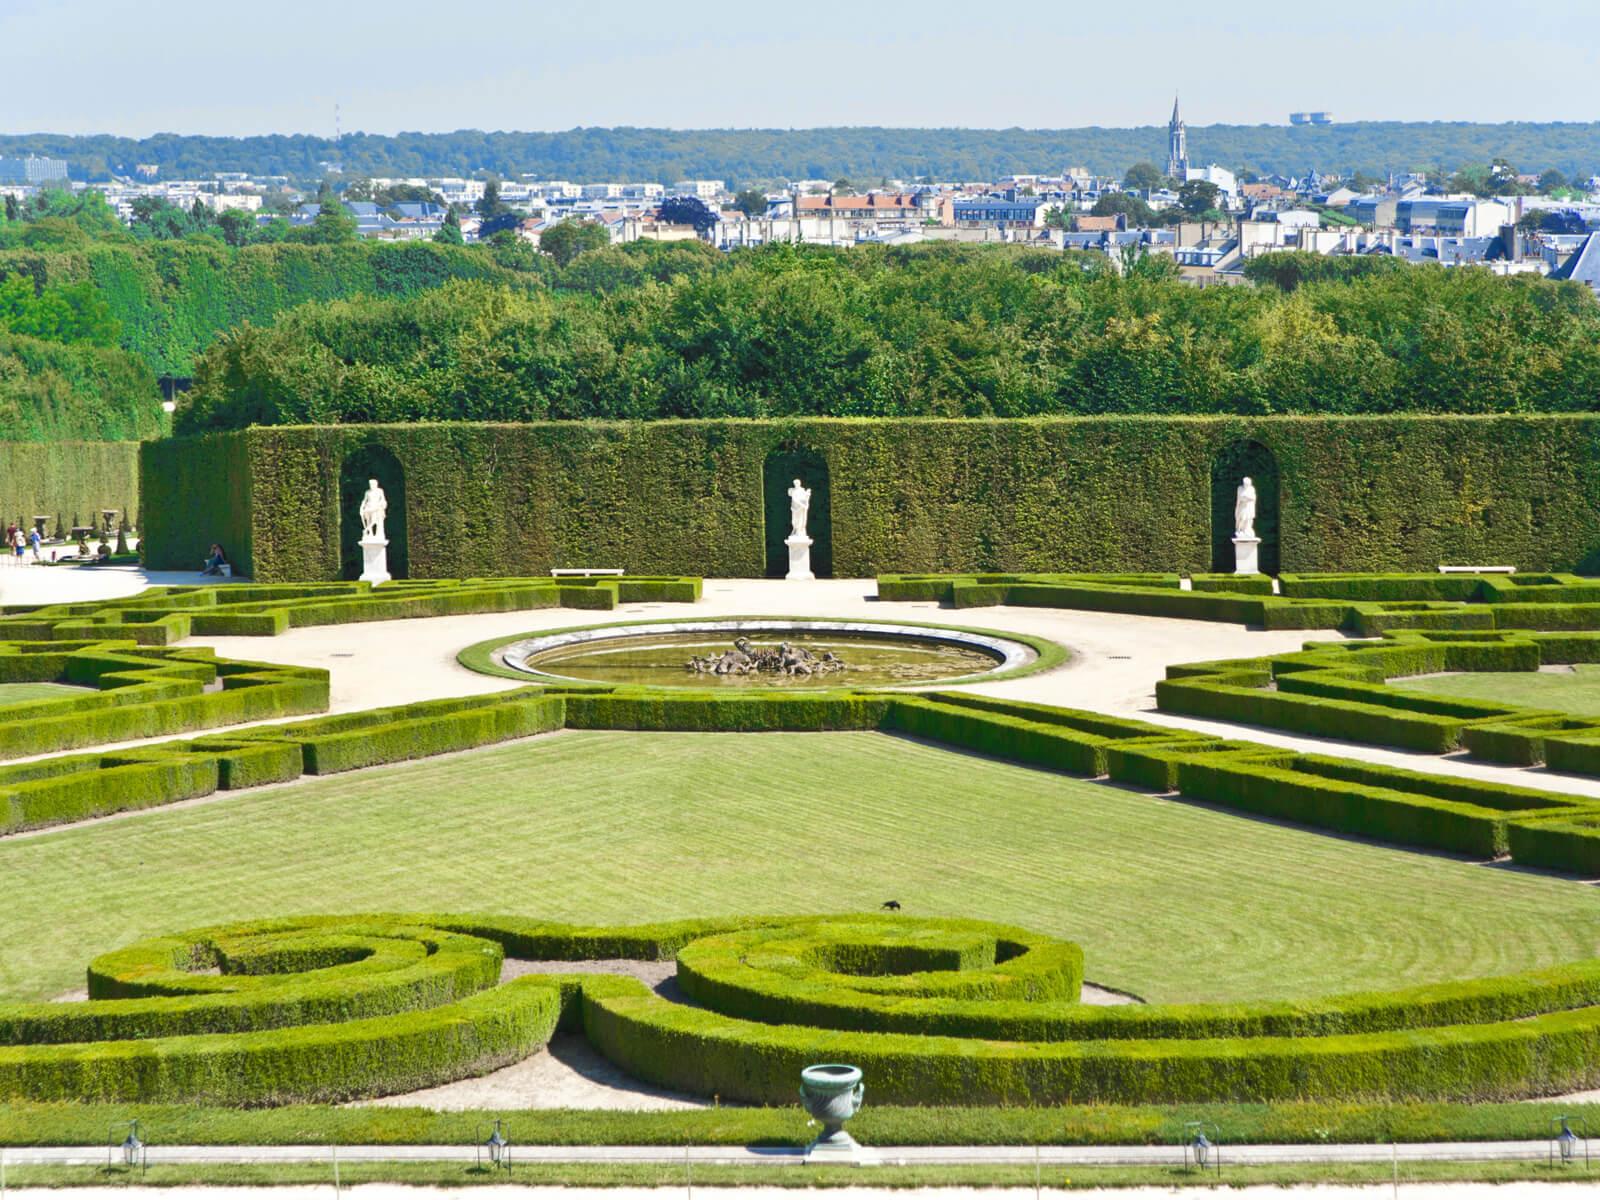 Garten Versailles Frisch Day Trip to the Gardens Of Versailles